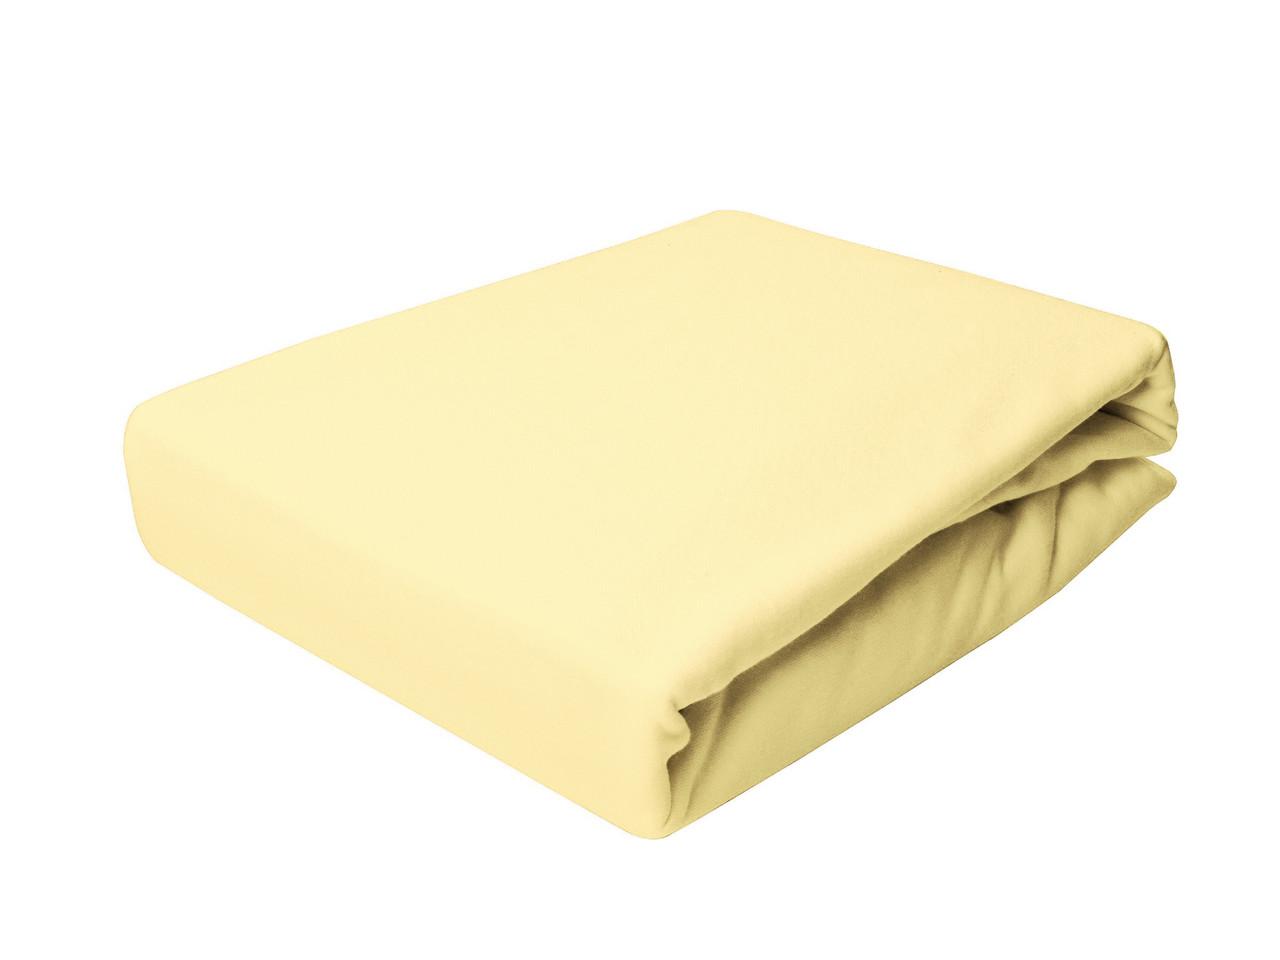 Простыня Трикотажная На резинке NR 003 P.P.H.U. J&M 5330 160x200 см Желтая